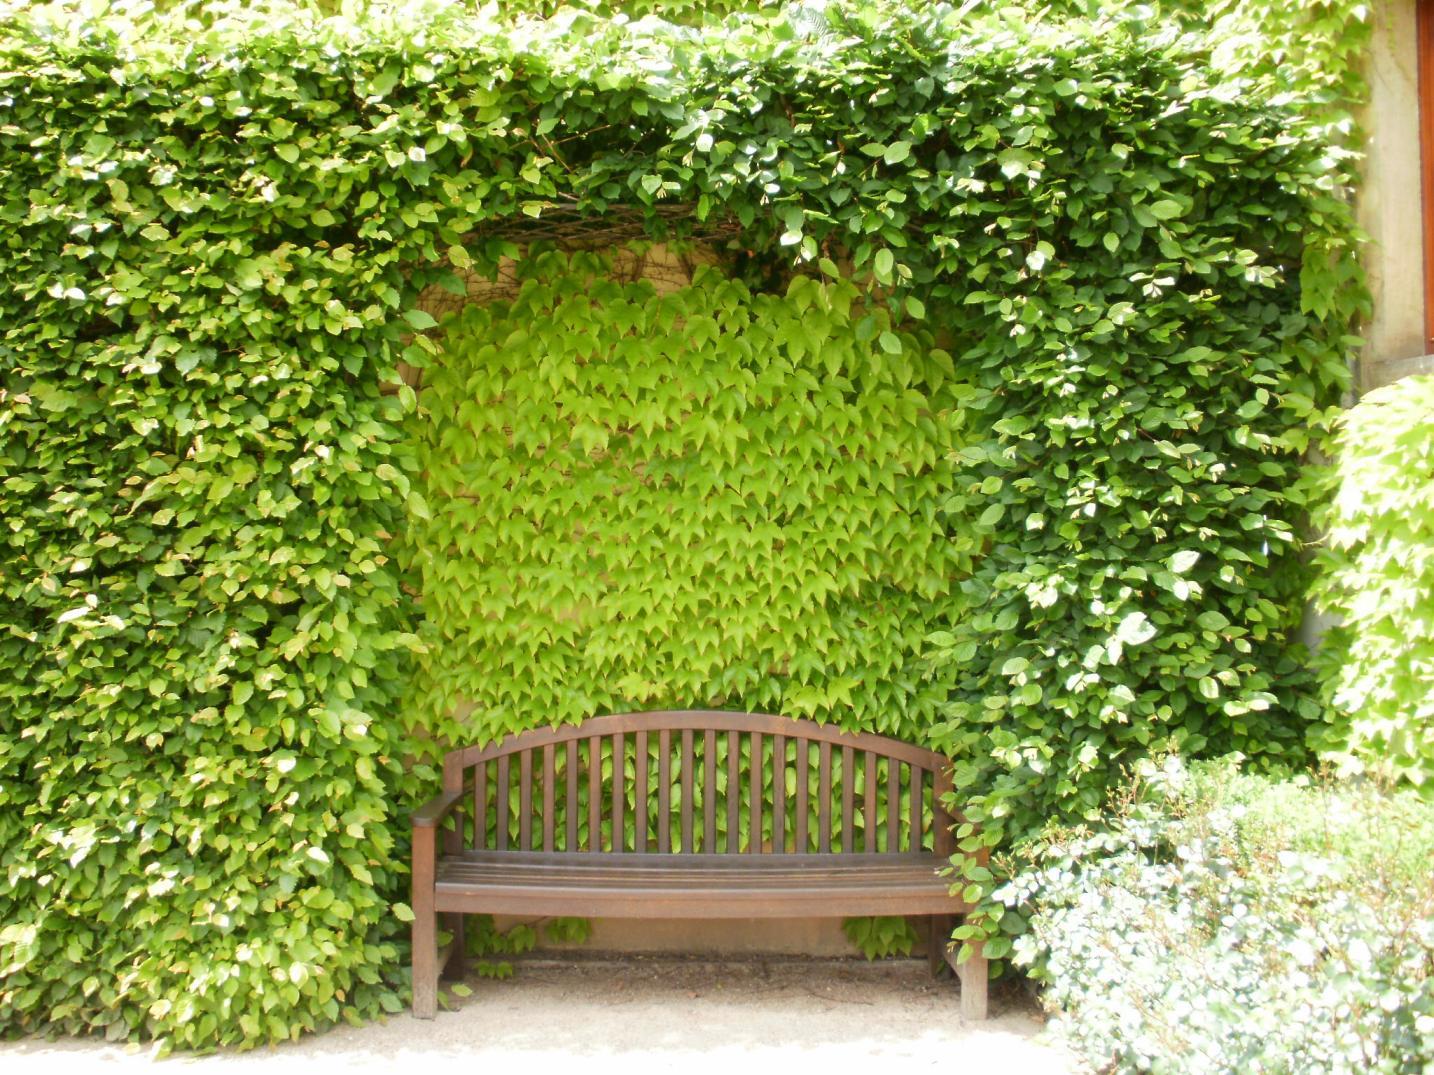 Vrtbovská zahrada - zelené zákoutí s lavičkou